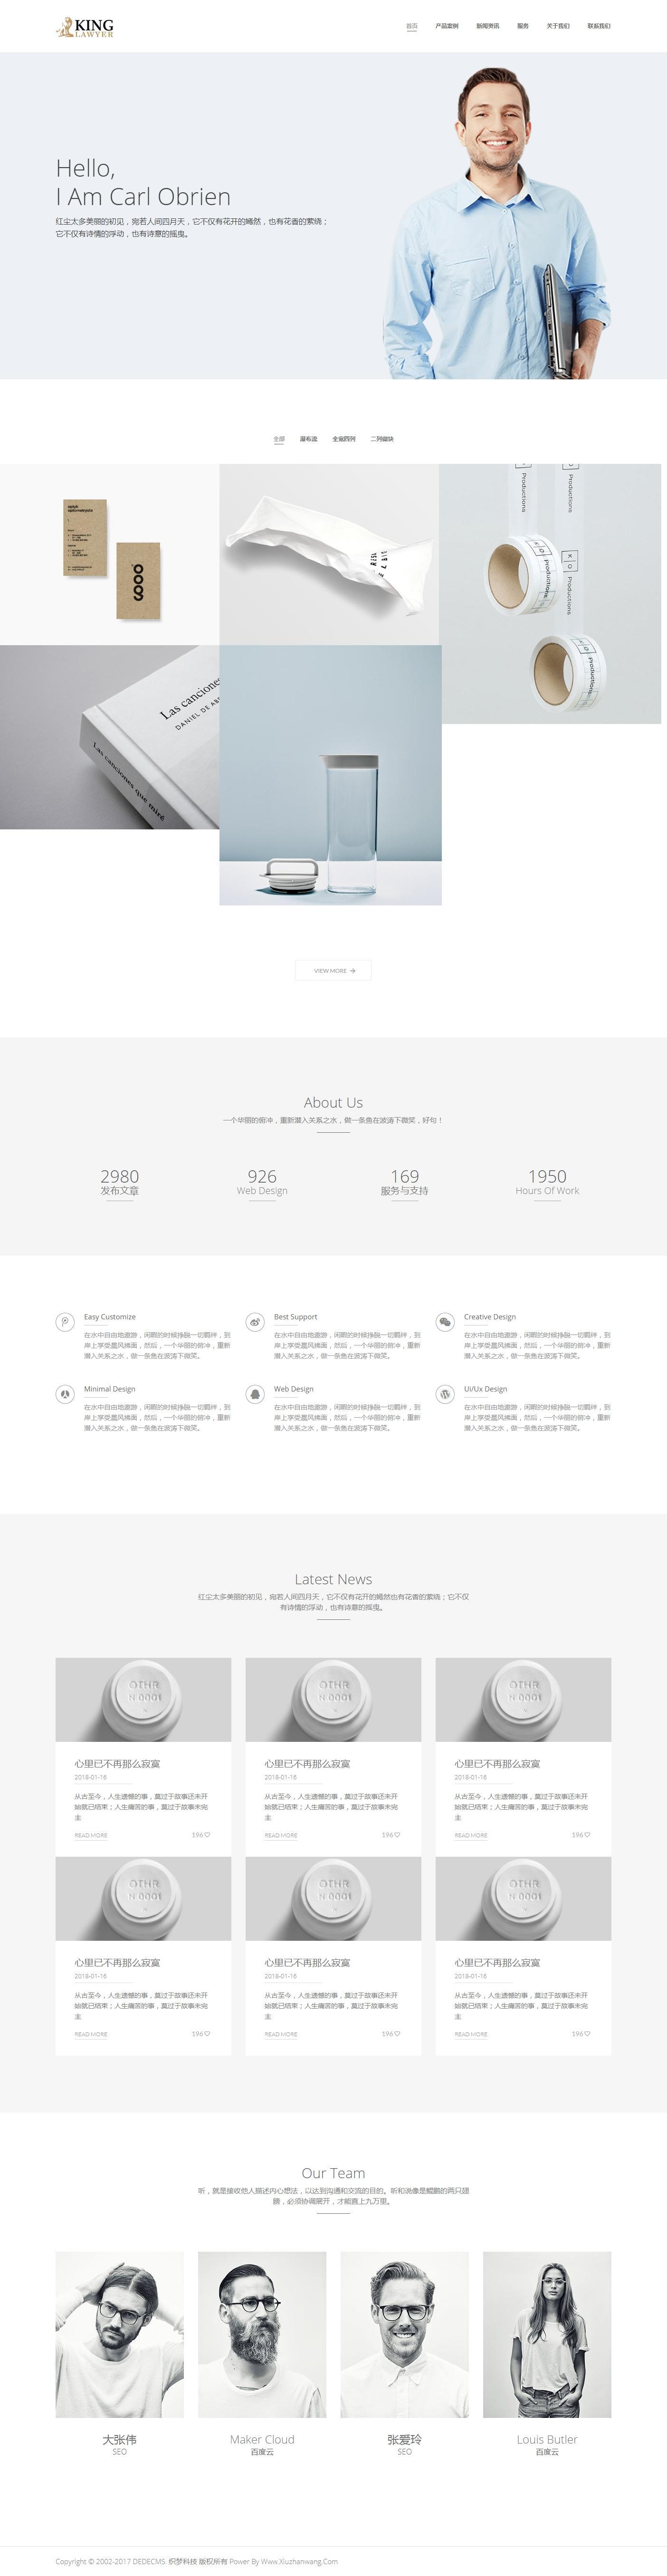 【织梦创意设计企业模板】产品创意设计类HTML5企业DEDECMS响应式网站模板自适应手机端